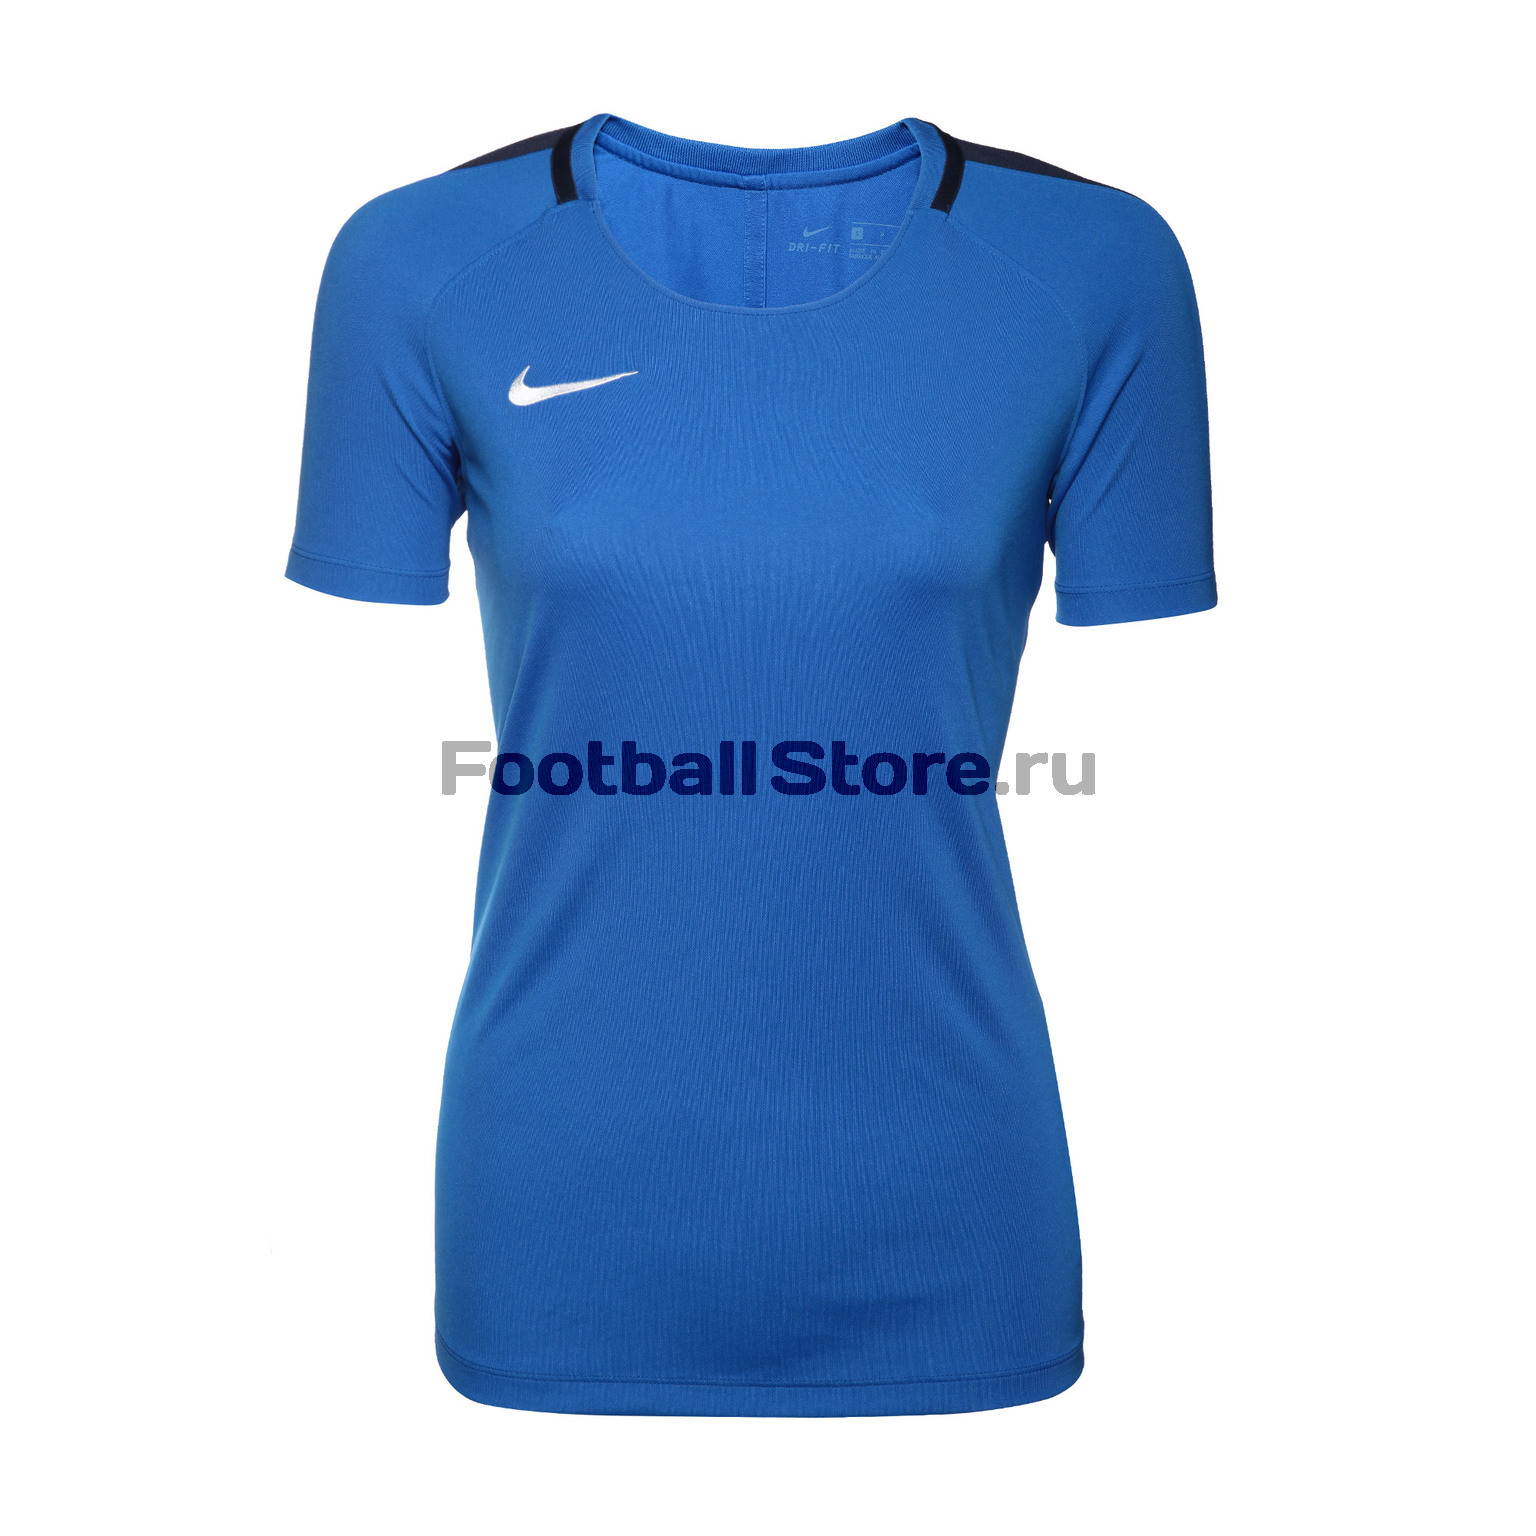 Футболка тренировочная женская Nike Academy 893741-463 цена 2017